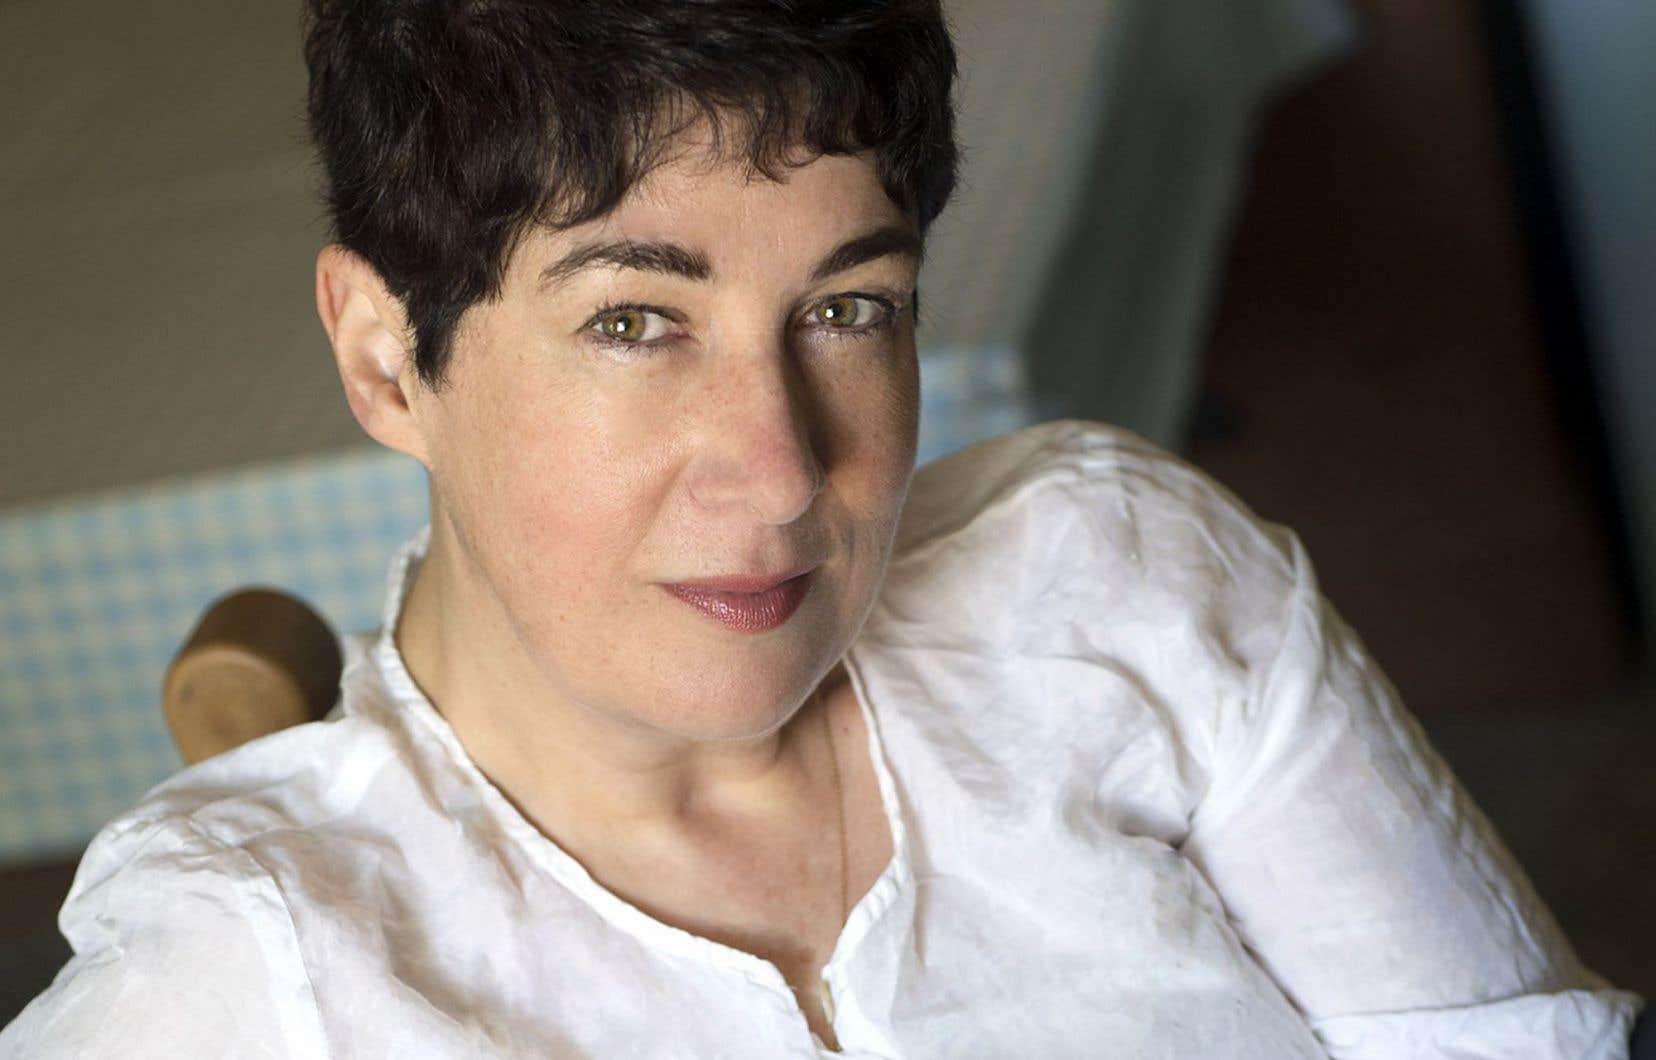 La Britannique Joanne Harris, auteure, notamment, du roman à succès «Chocolat», a lancé une conversation sur Twitter sans savoir qu'elle s'épanouirait en tant de branchillons.